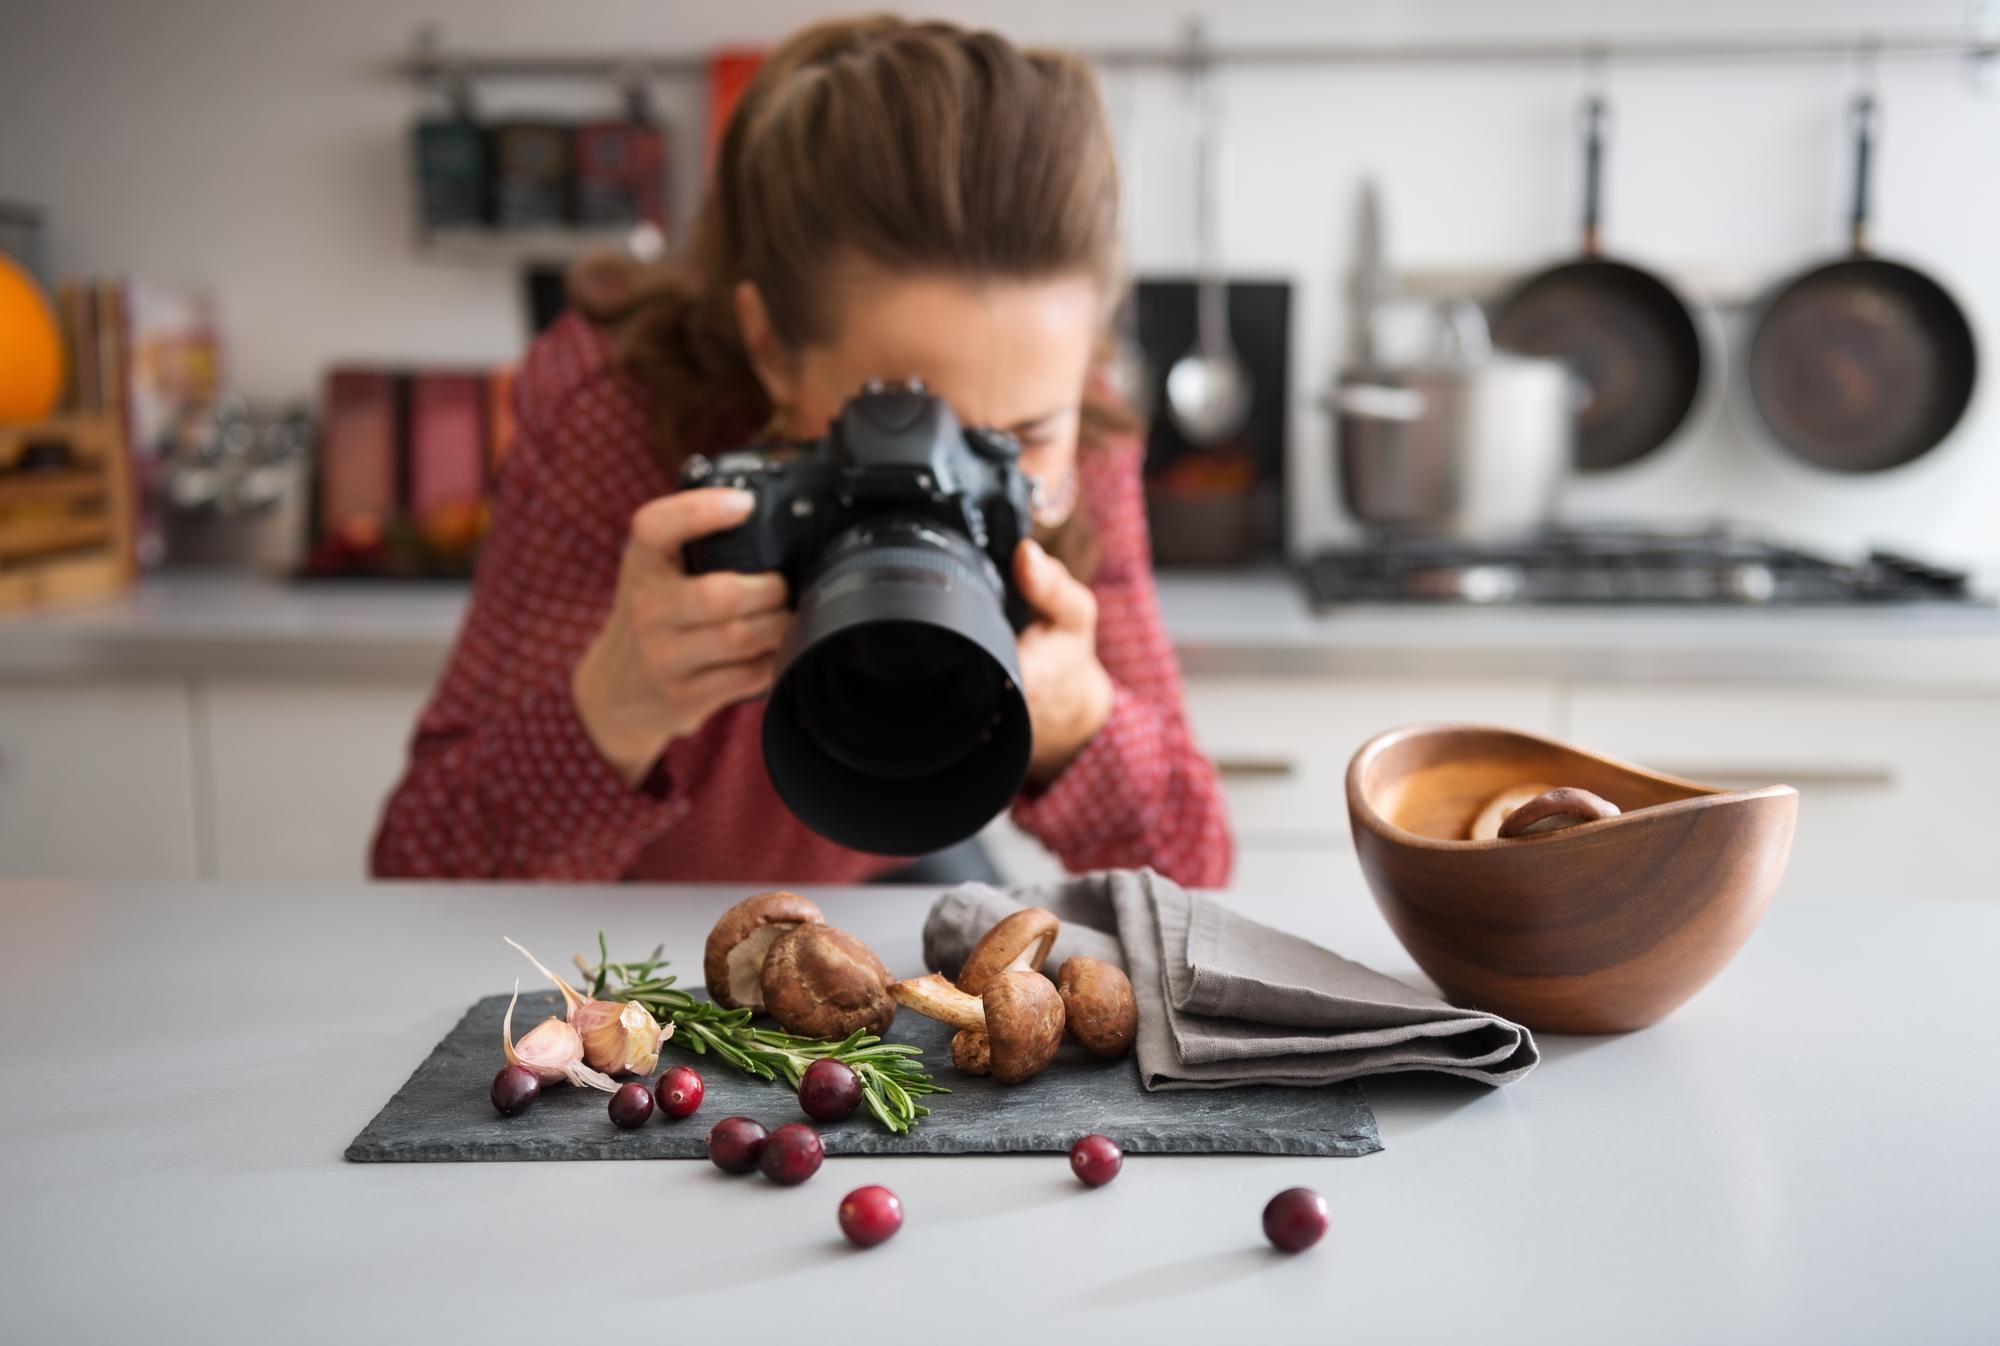 Как фотографировать еду для инстаграмма проявления